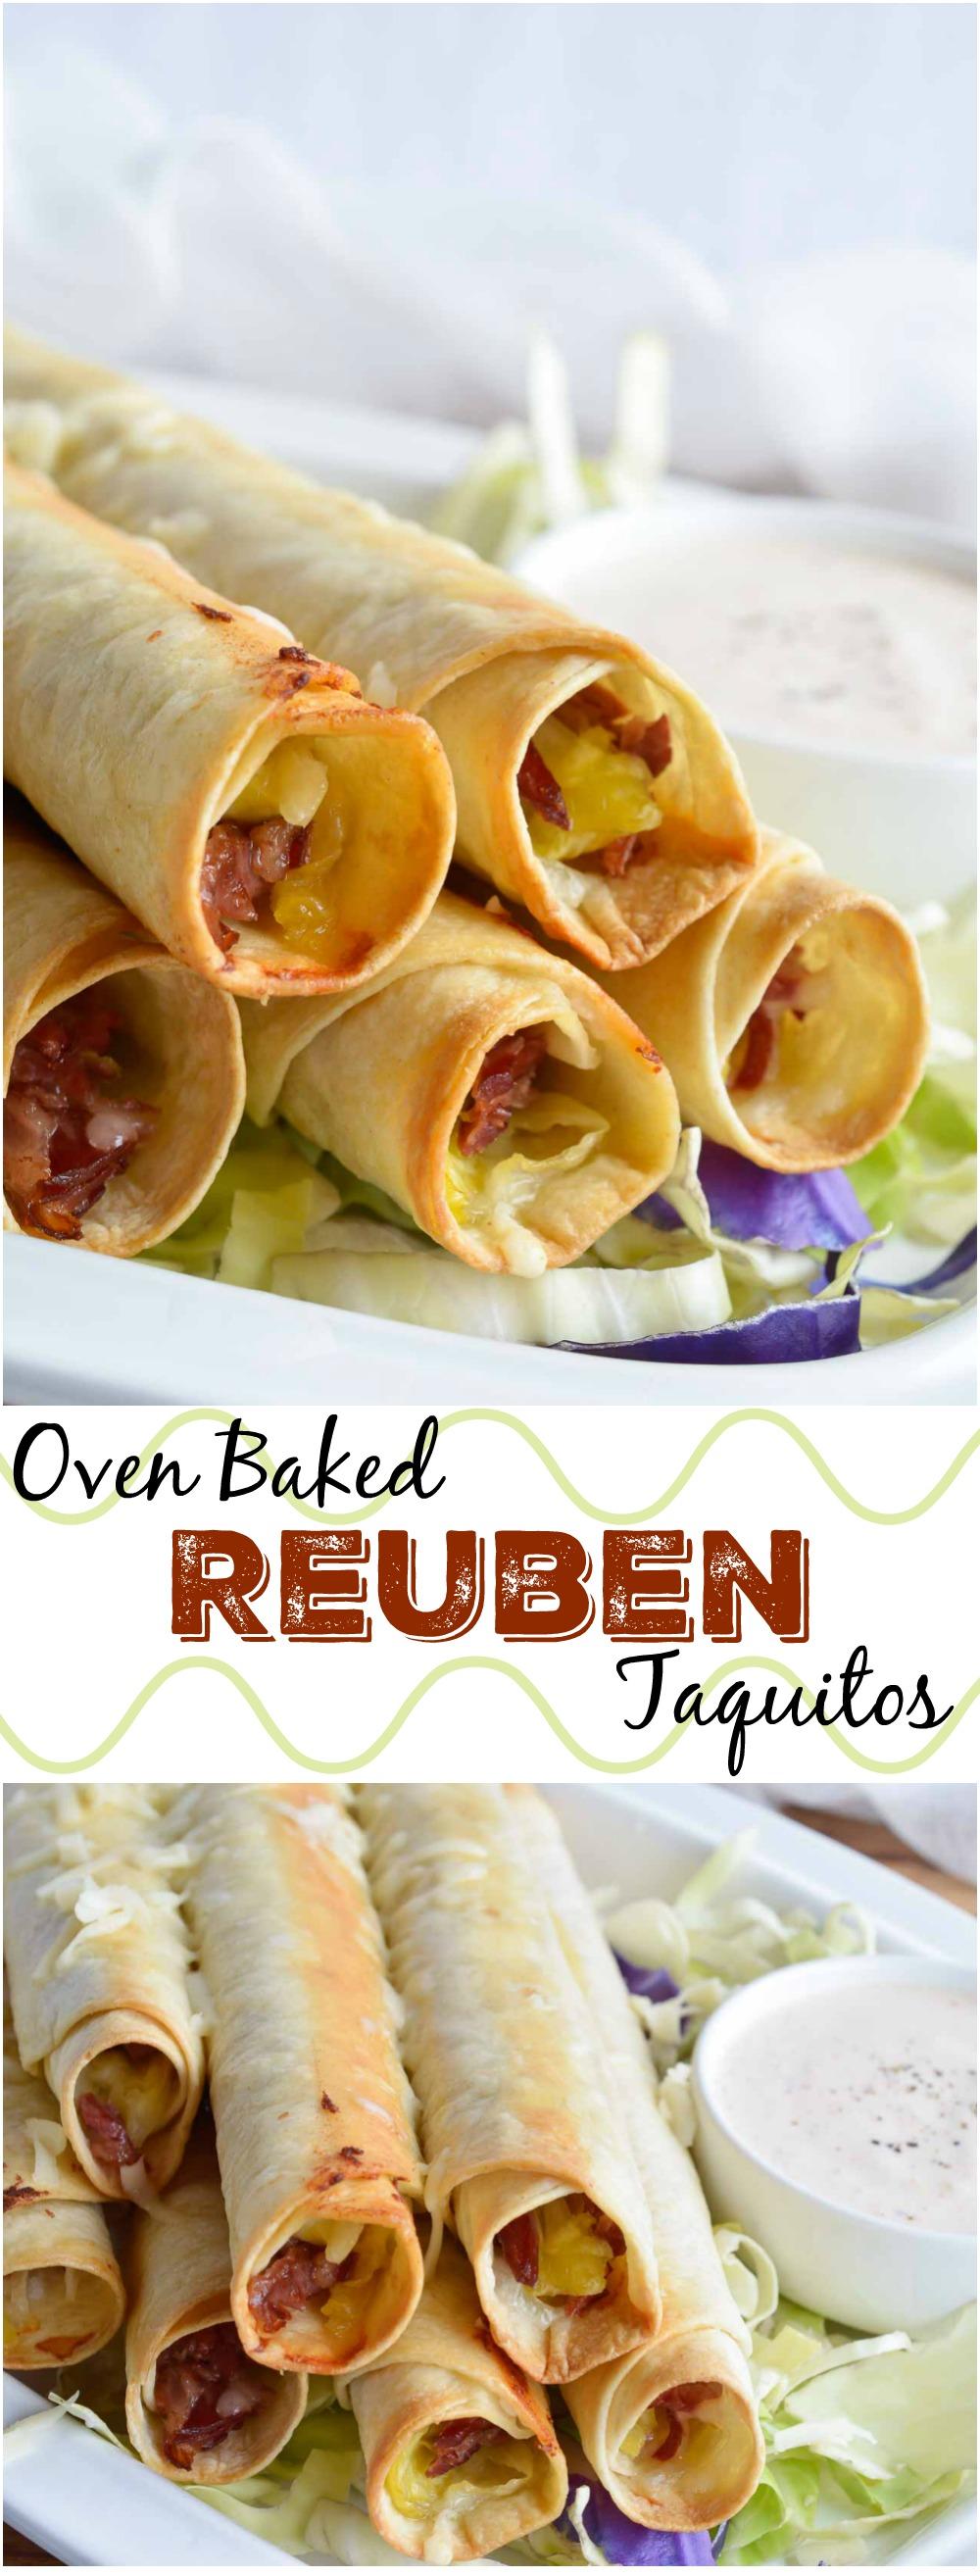 Reuben Stuffed Baked Taquitos Wonkywonderful